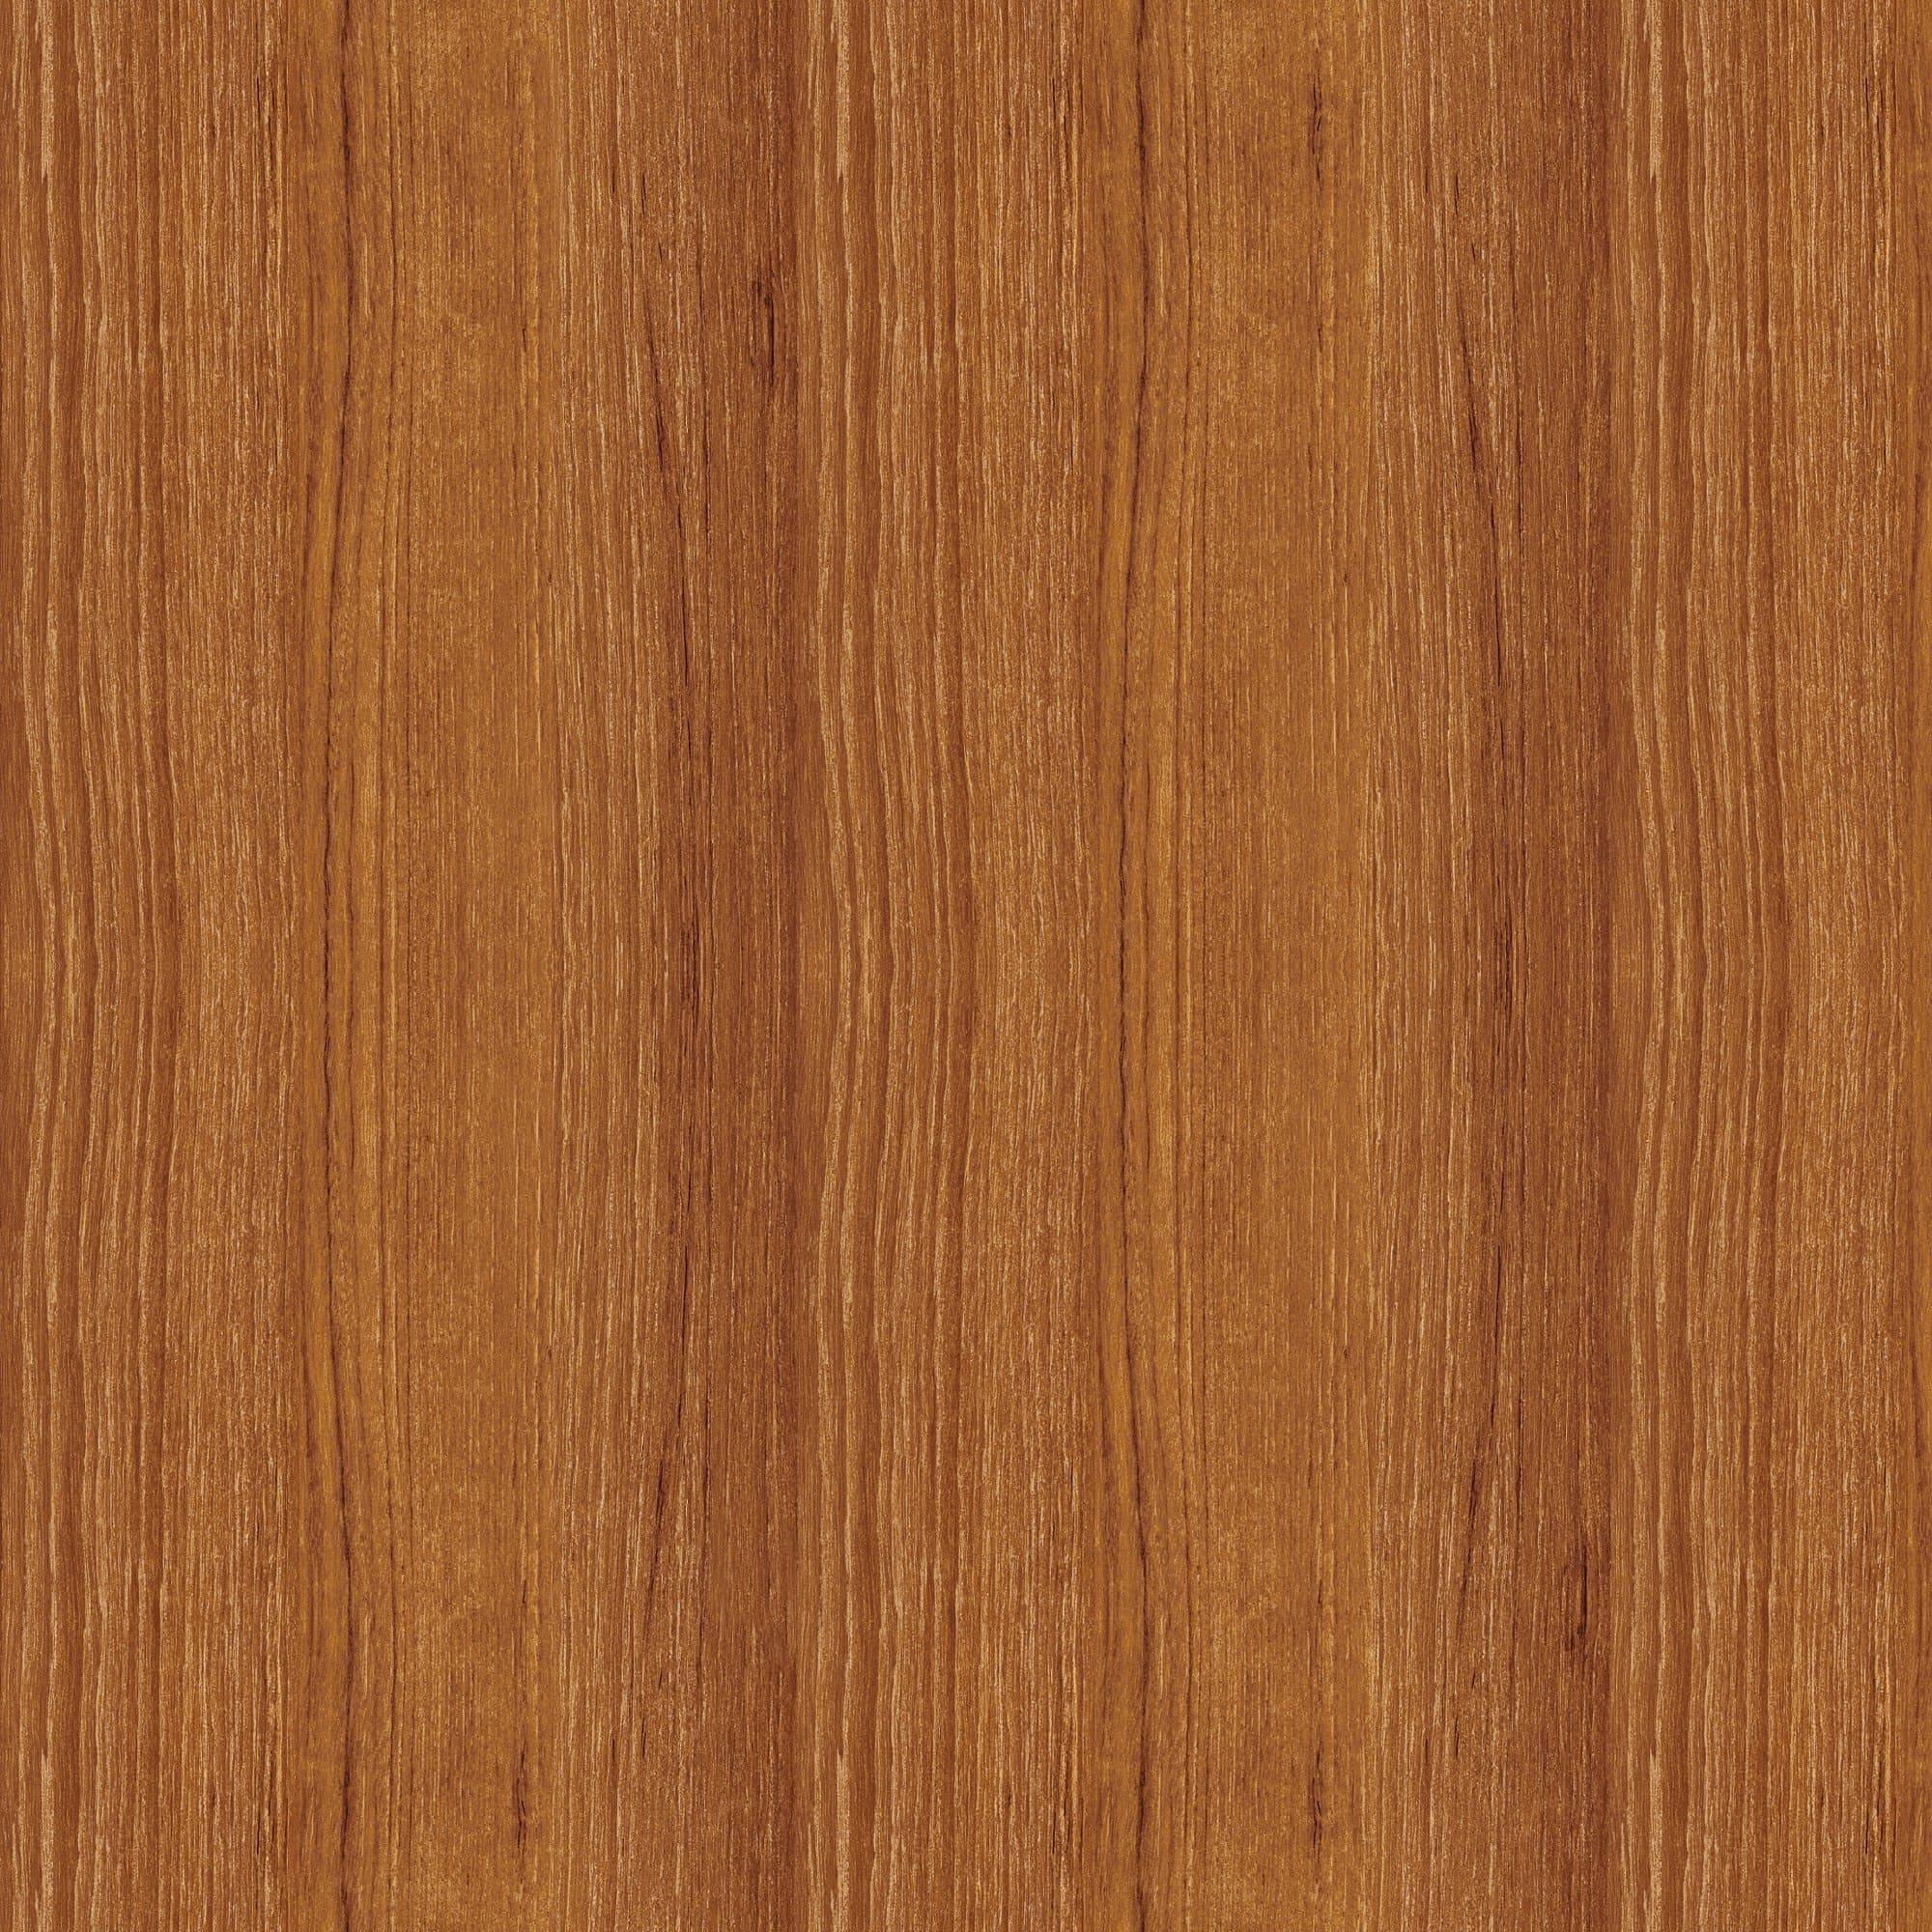 Имидж Мастер, Шкаф-стеллаж для салона красоты №1 одинарный (16 цветов) Дерево